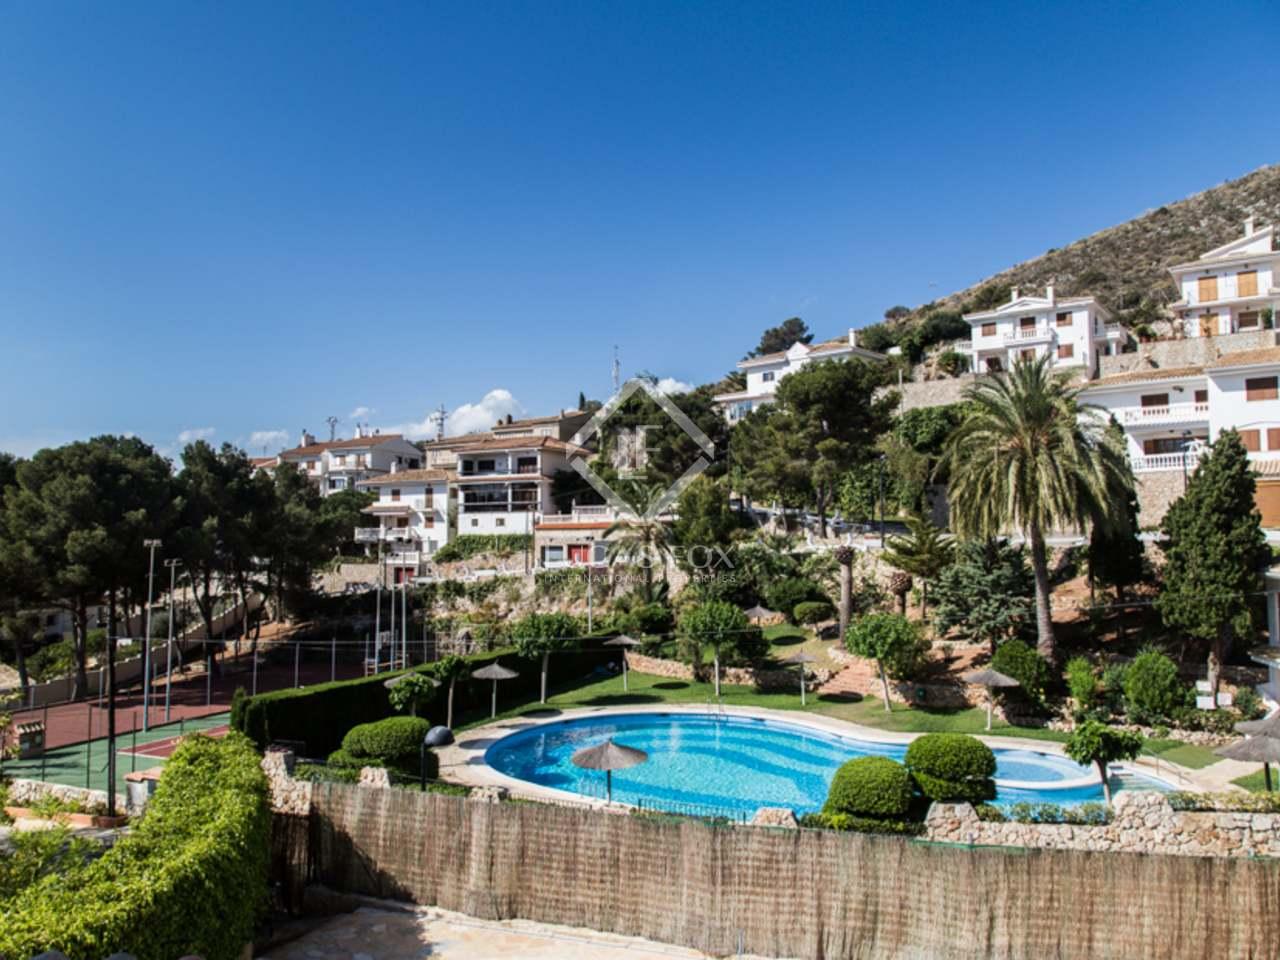 Villa en venta en una urbanizaci n de cullera valencia for Villas valencia